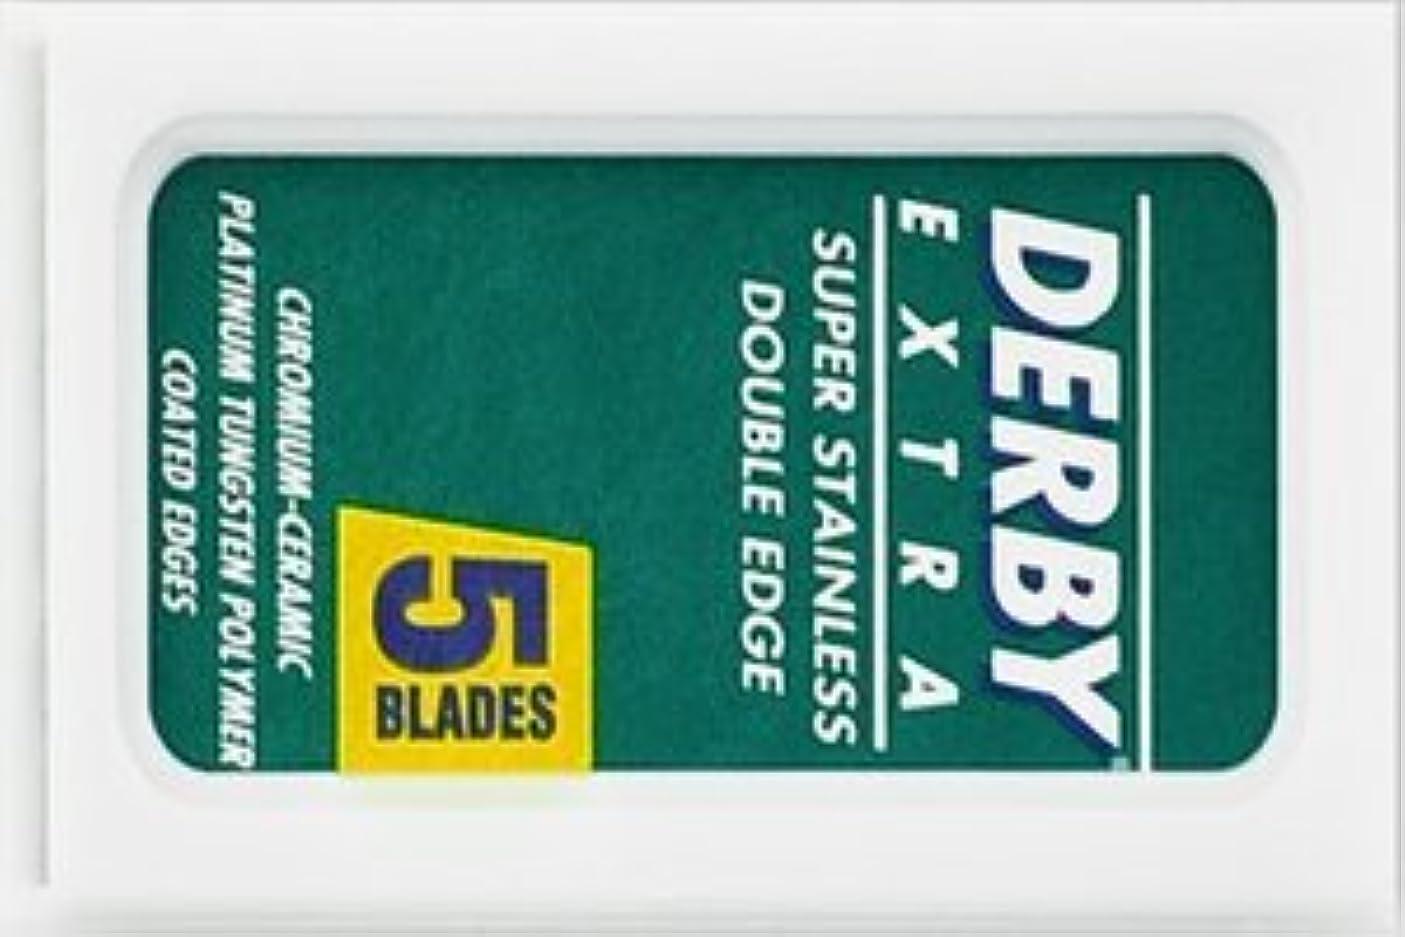 のためにコーチヘルメットDerby Extra 両刃替刃 5枚入り(5枚入り1 個セット)【並行輸入品】